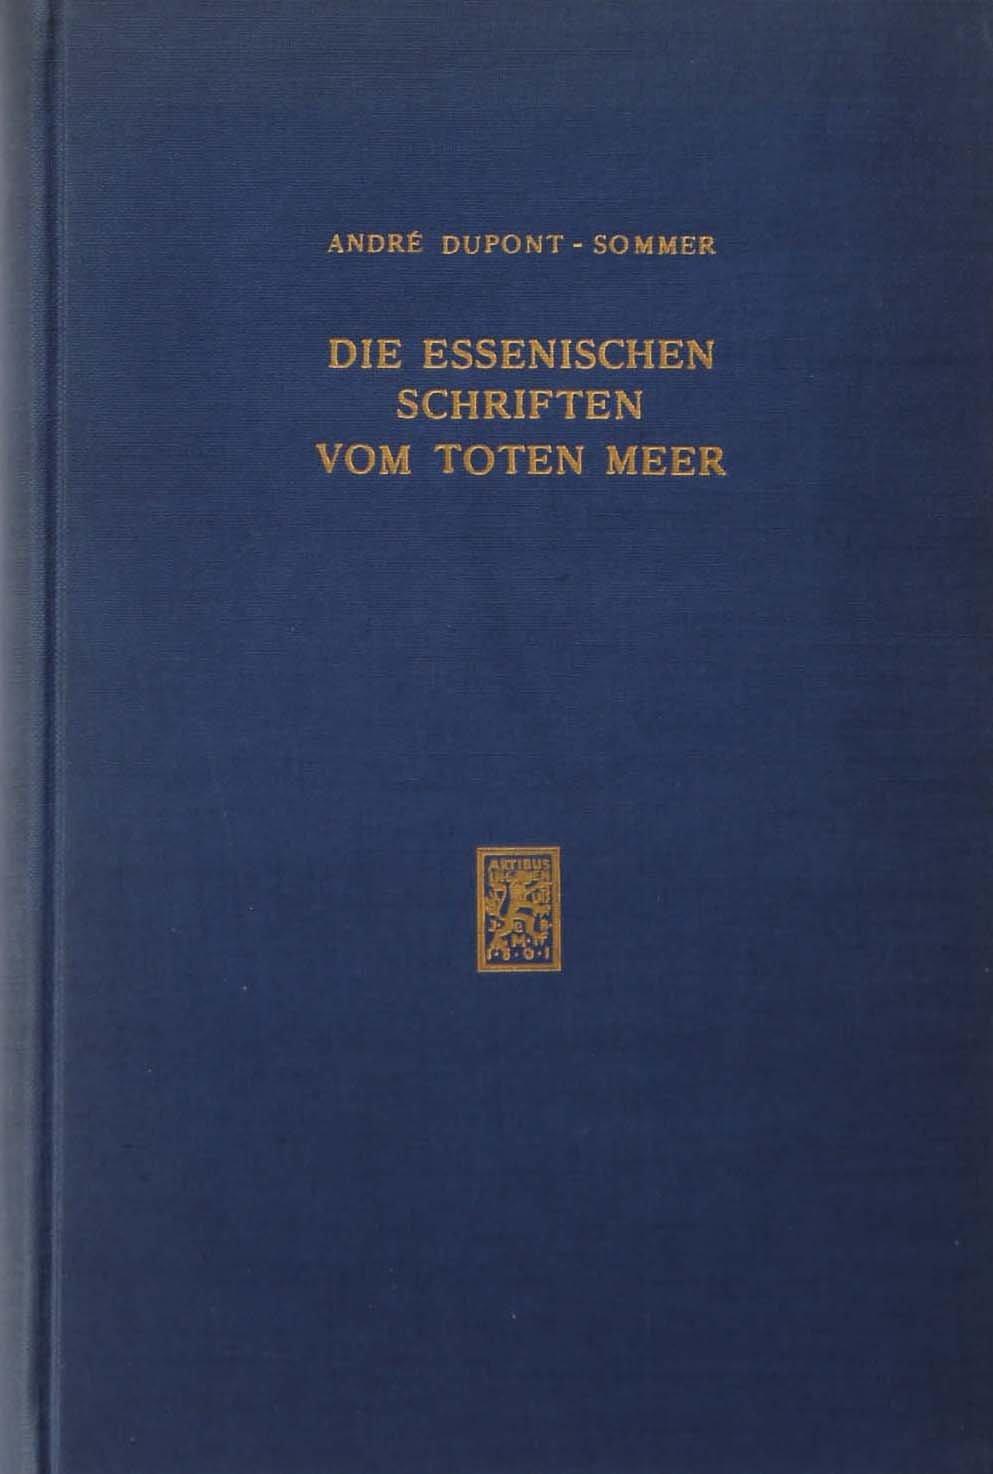 Die essenischen Schriften vom Toten Meer: Unter Zugrundelegung der Originaltexte